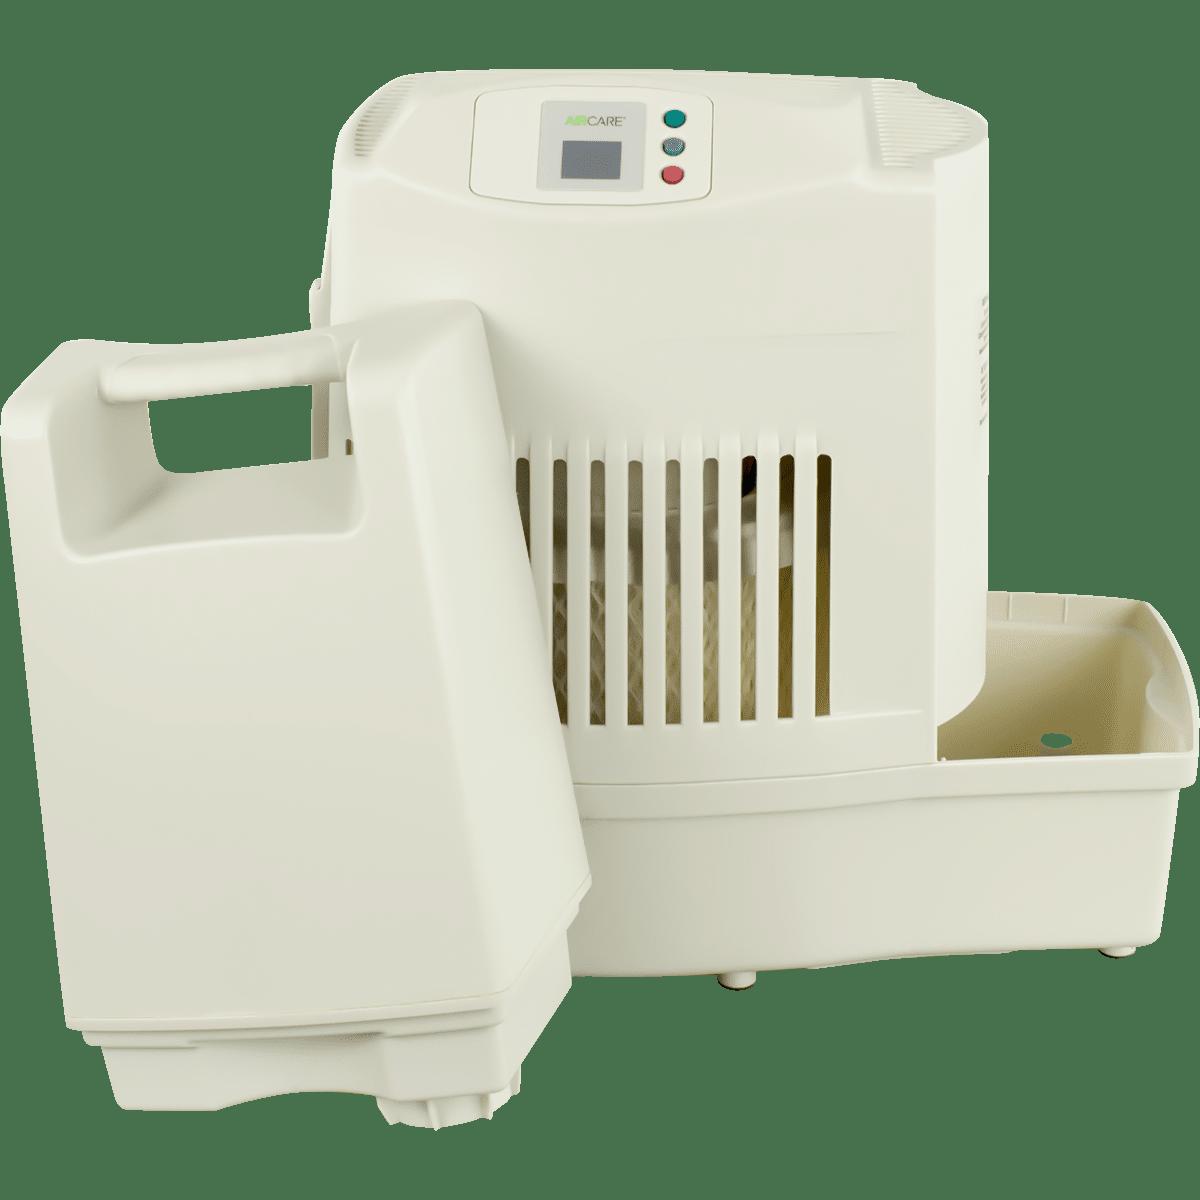 AIRCARE MA 0800 Whole House Humidifier